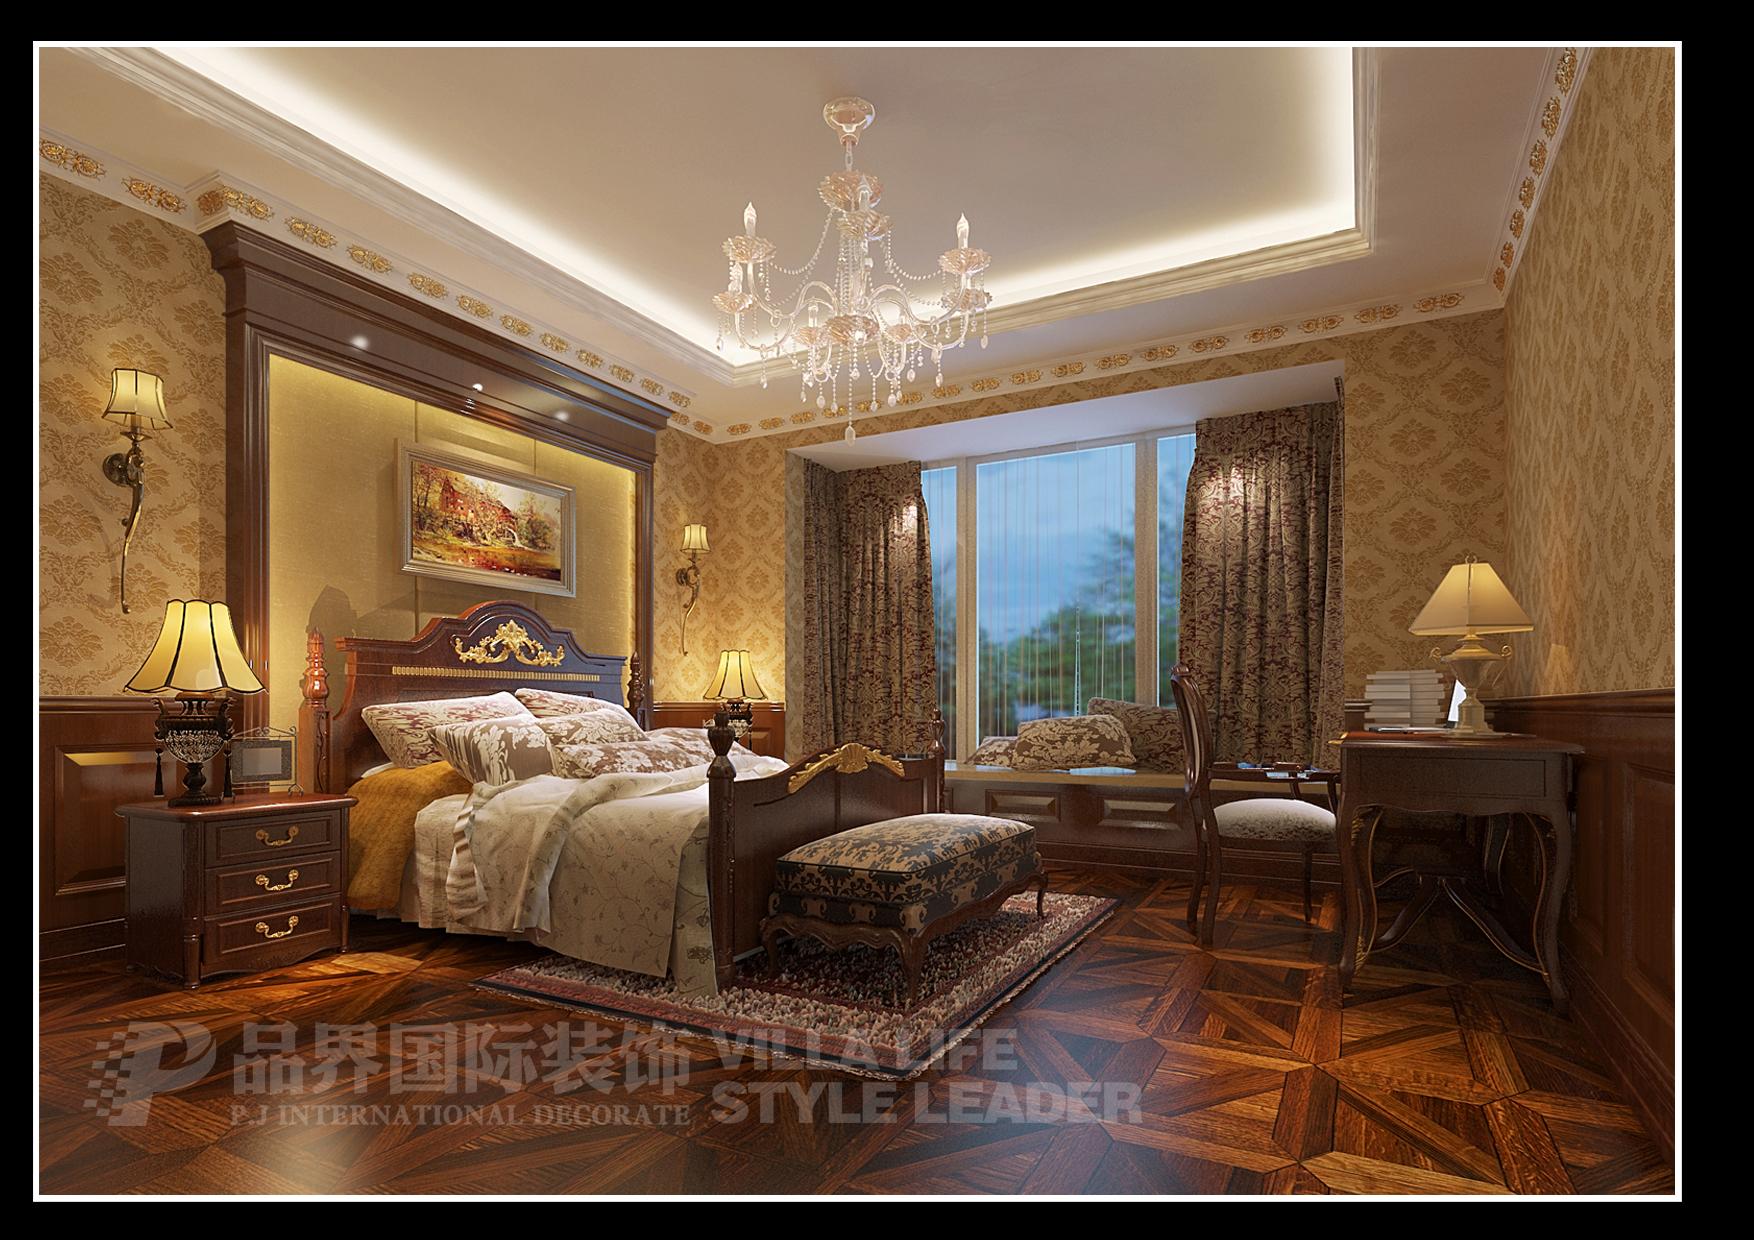 客厅图片来自石家庄品界国际装饰在恒大华府欧式风格装修的分享